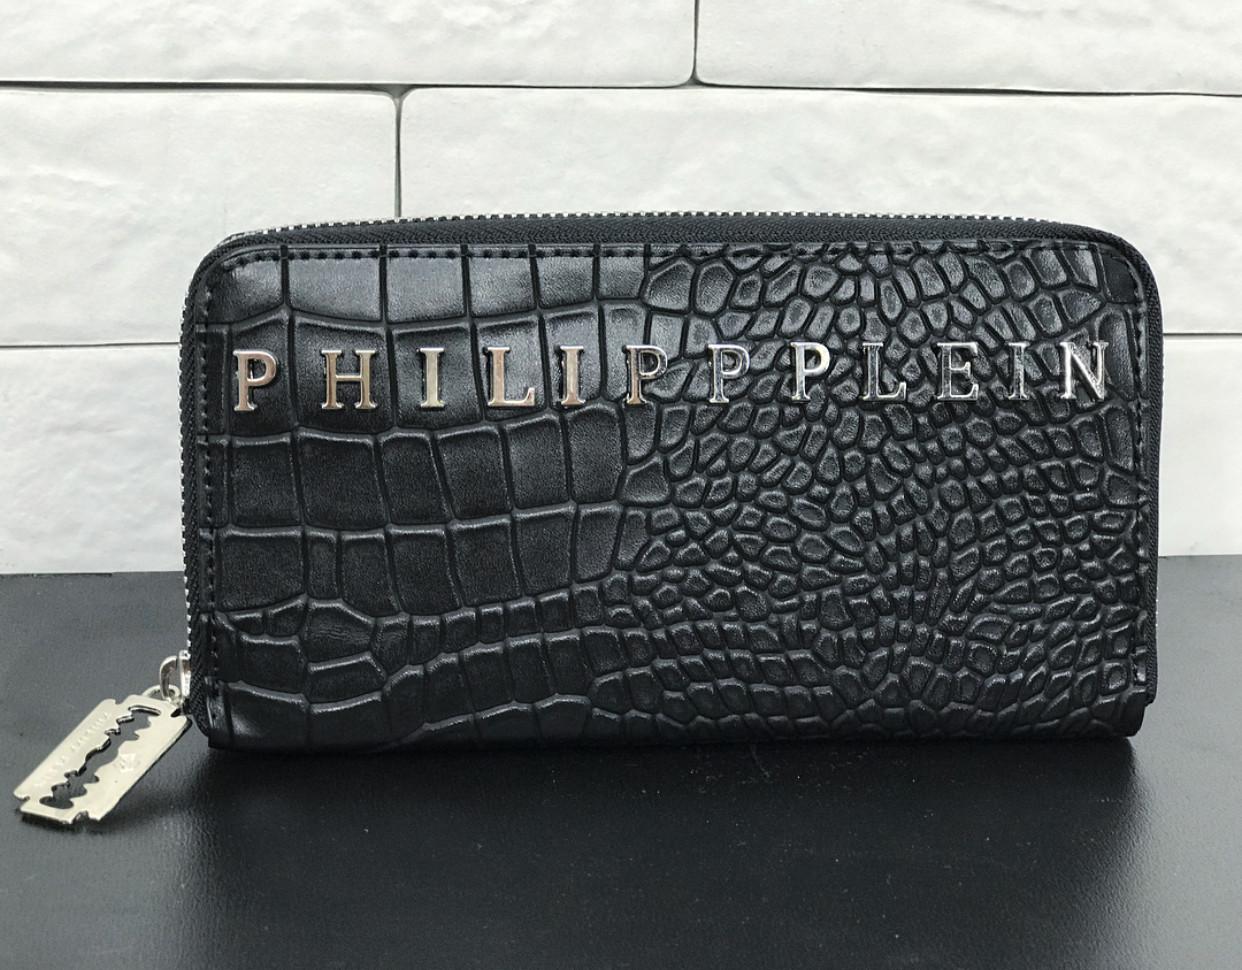 e29c499f5722 Кошелек клатч портмоне бумажник мужской женский Philipp Plein премиум  реплика - AMARKET - Интернет-магазин